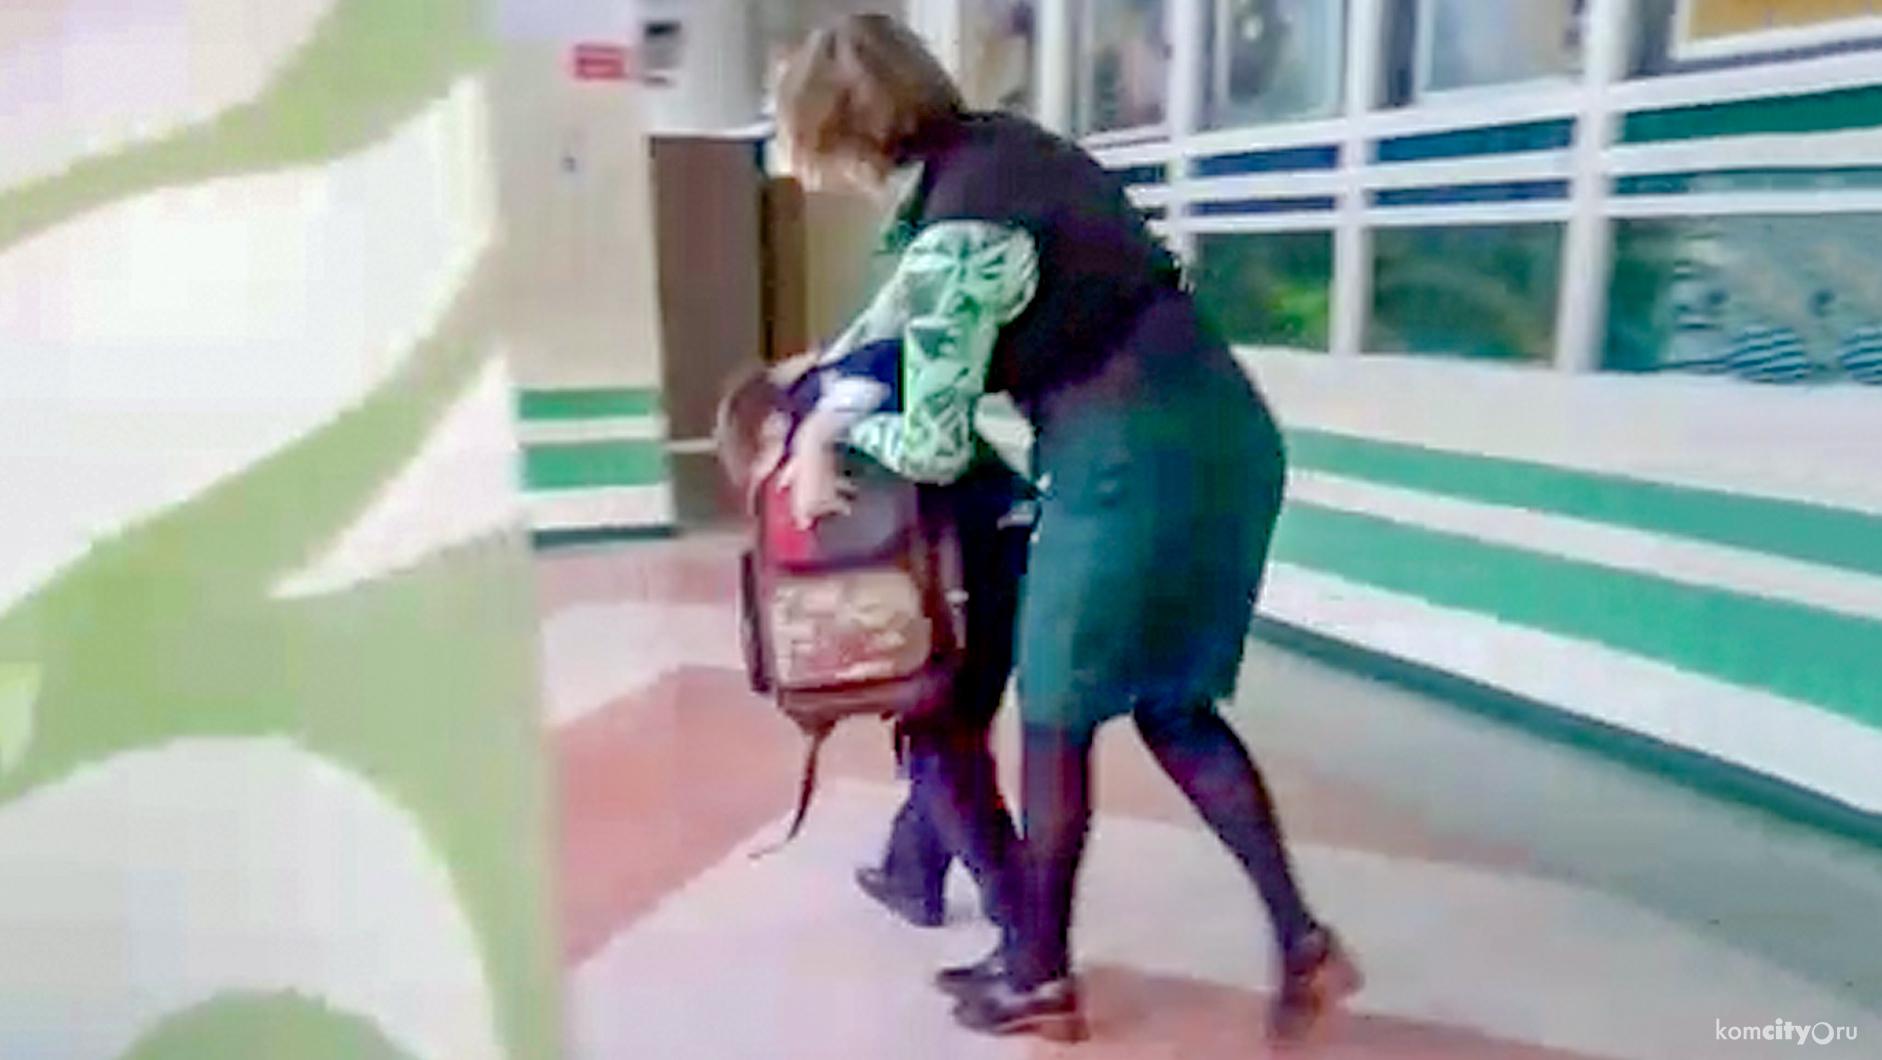 школьник ударил учителя стулом